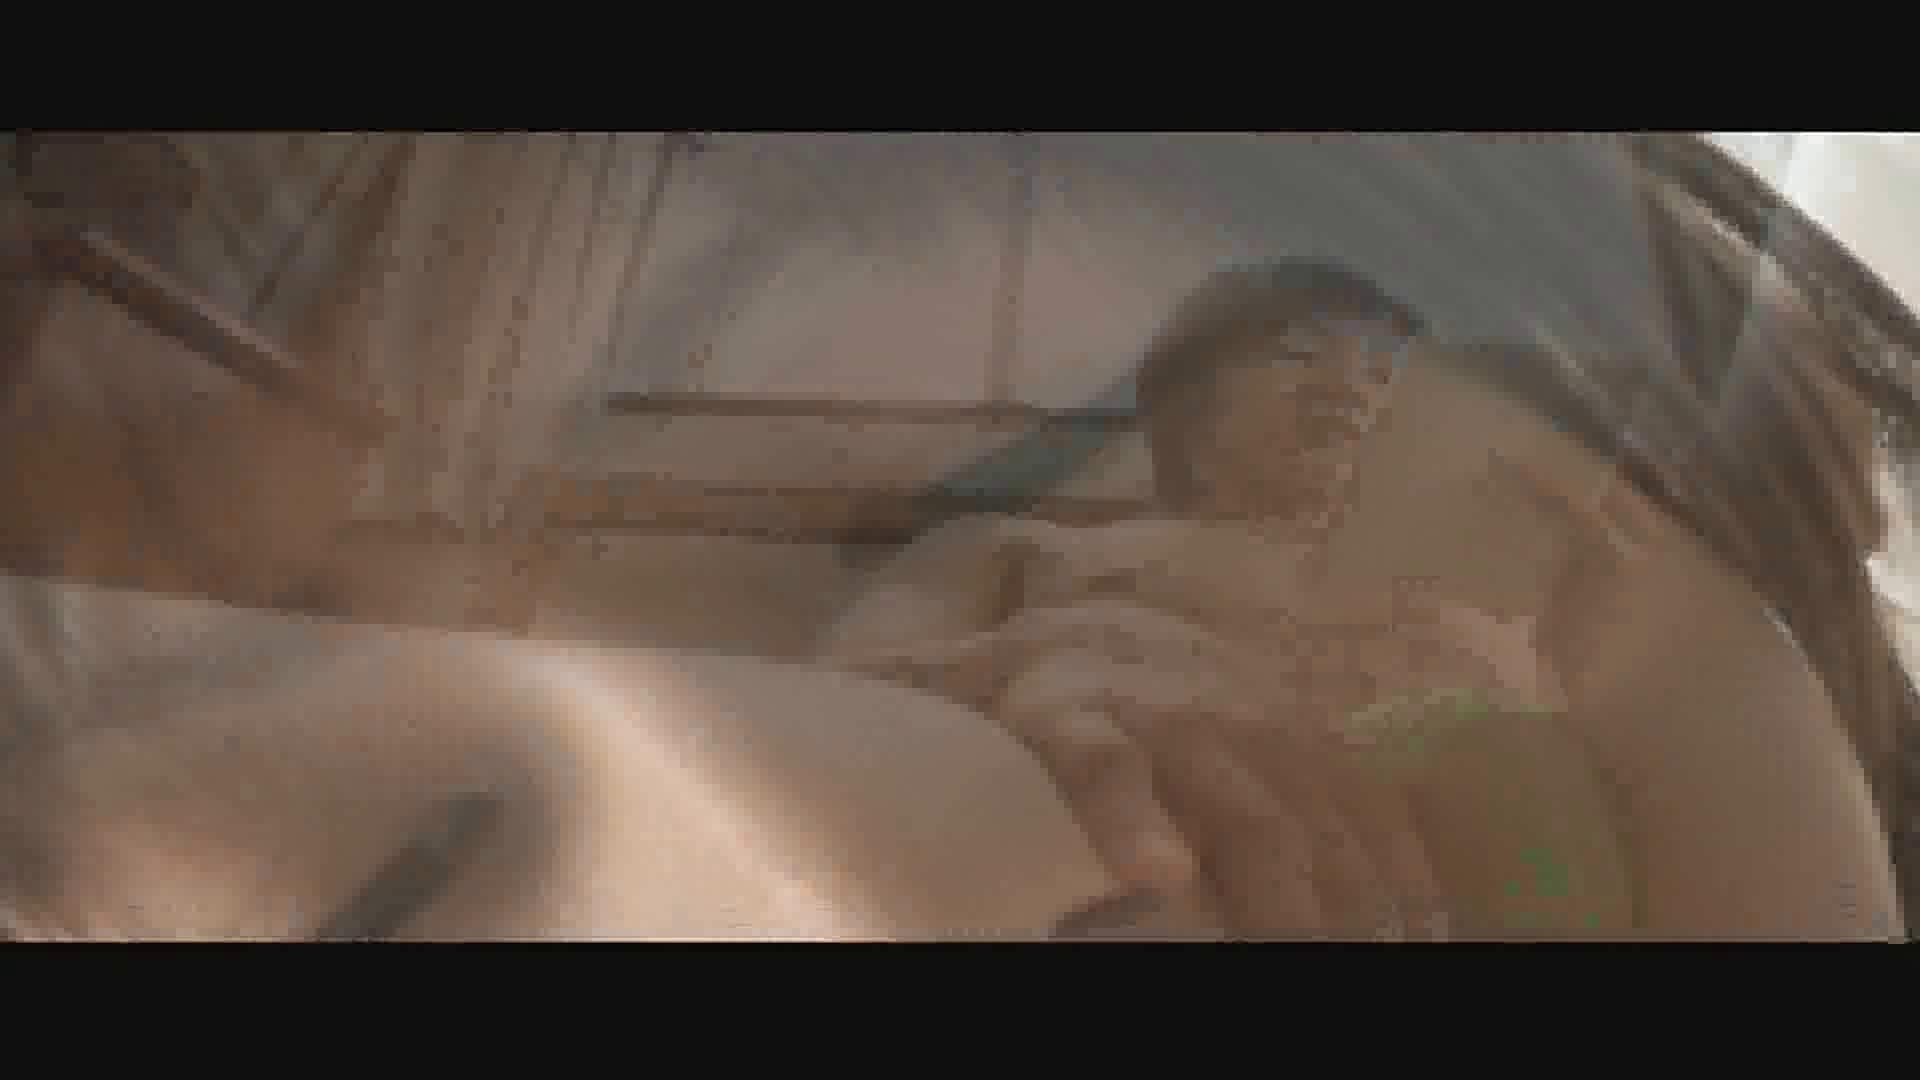 ゲイ アナル|色白イケメン君のセクシーパラダイスムービーショー後編|超薄消し